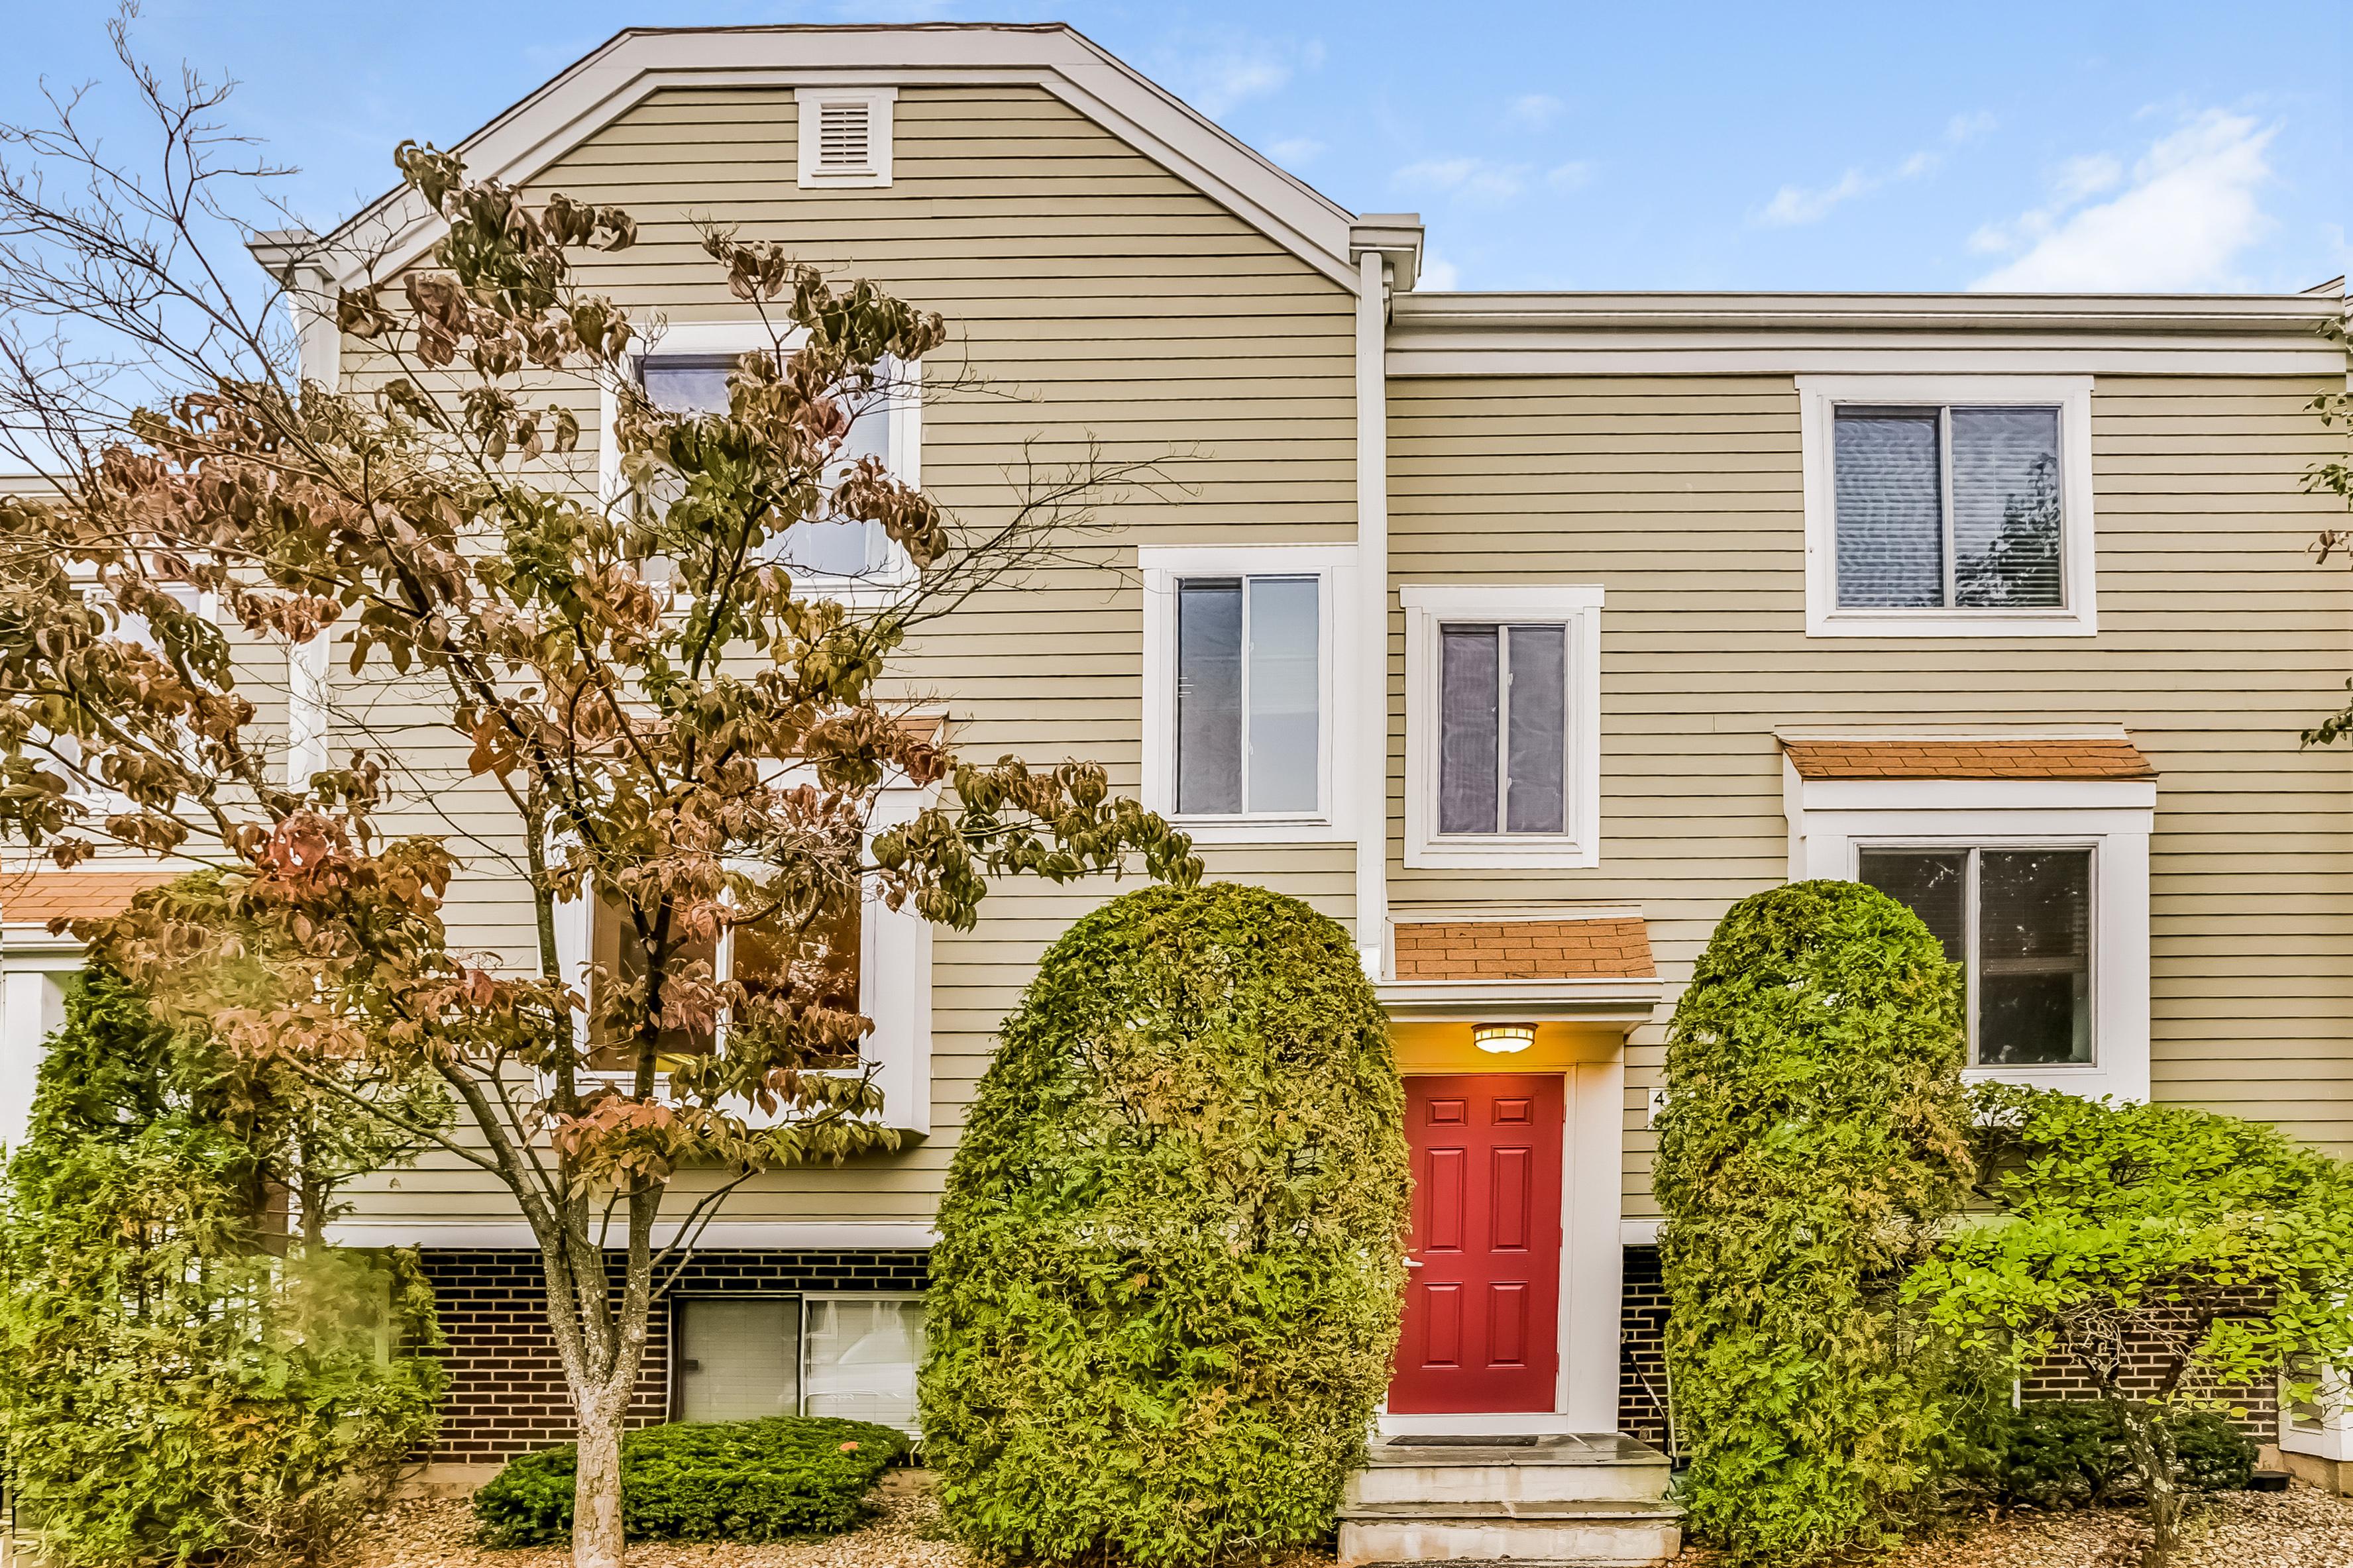 联栋屋 为 销售 在 71 Aiken Street 71 Aiken Street P2 诺瓦克, 康涅狄格州, 06851 美国